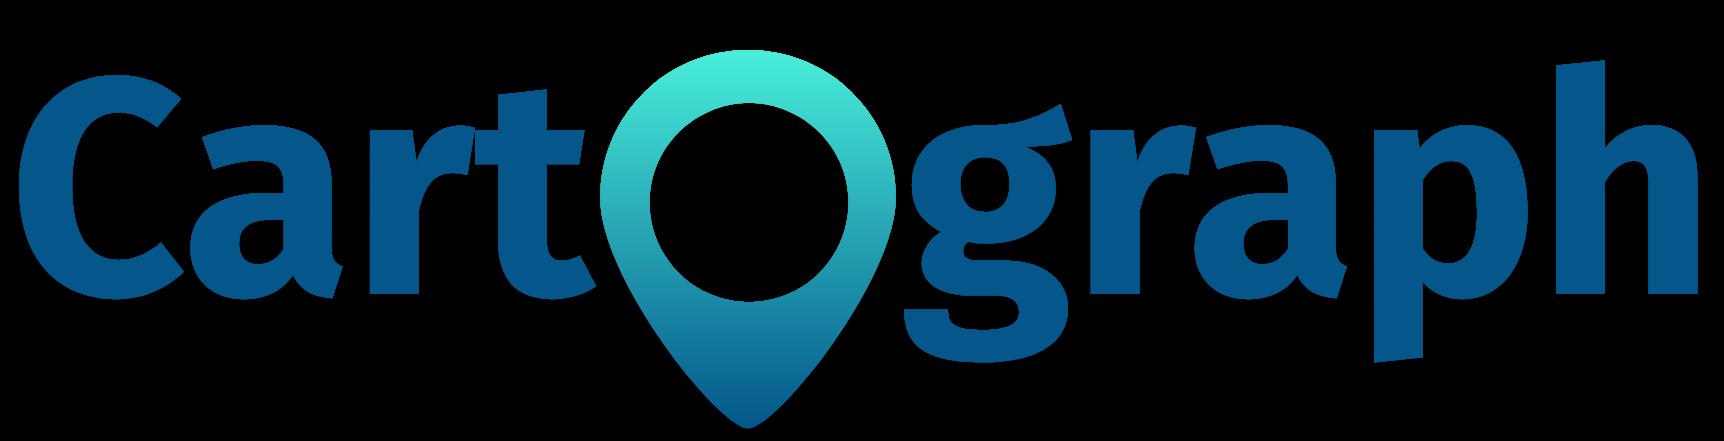 The Cartograph logo design